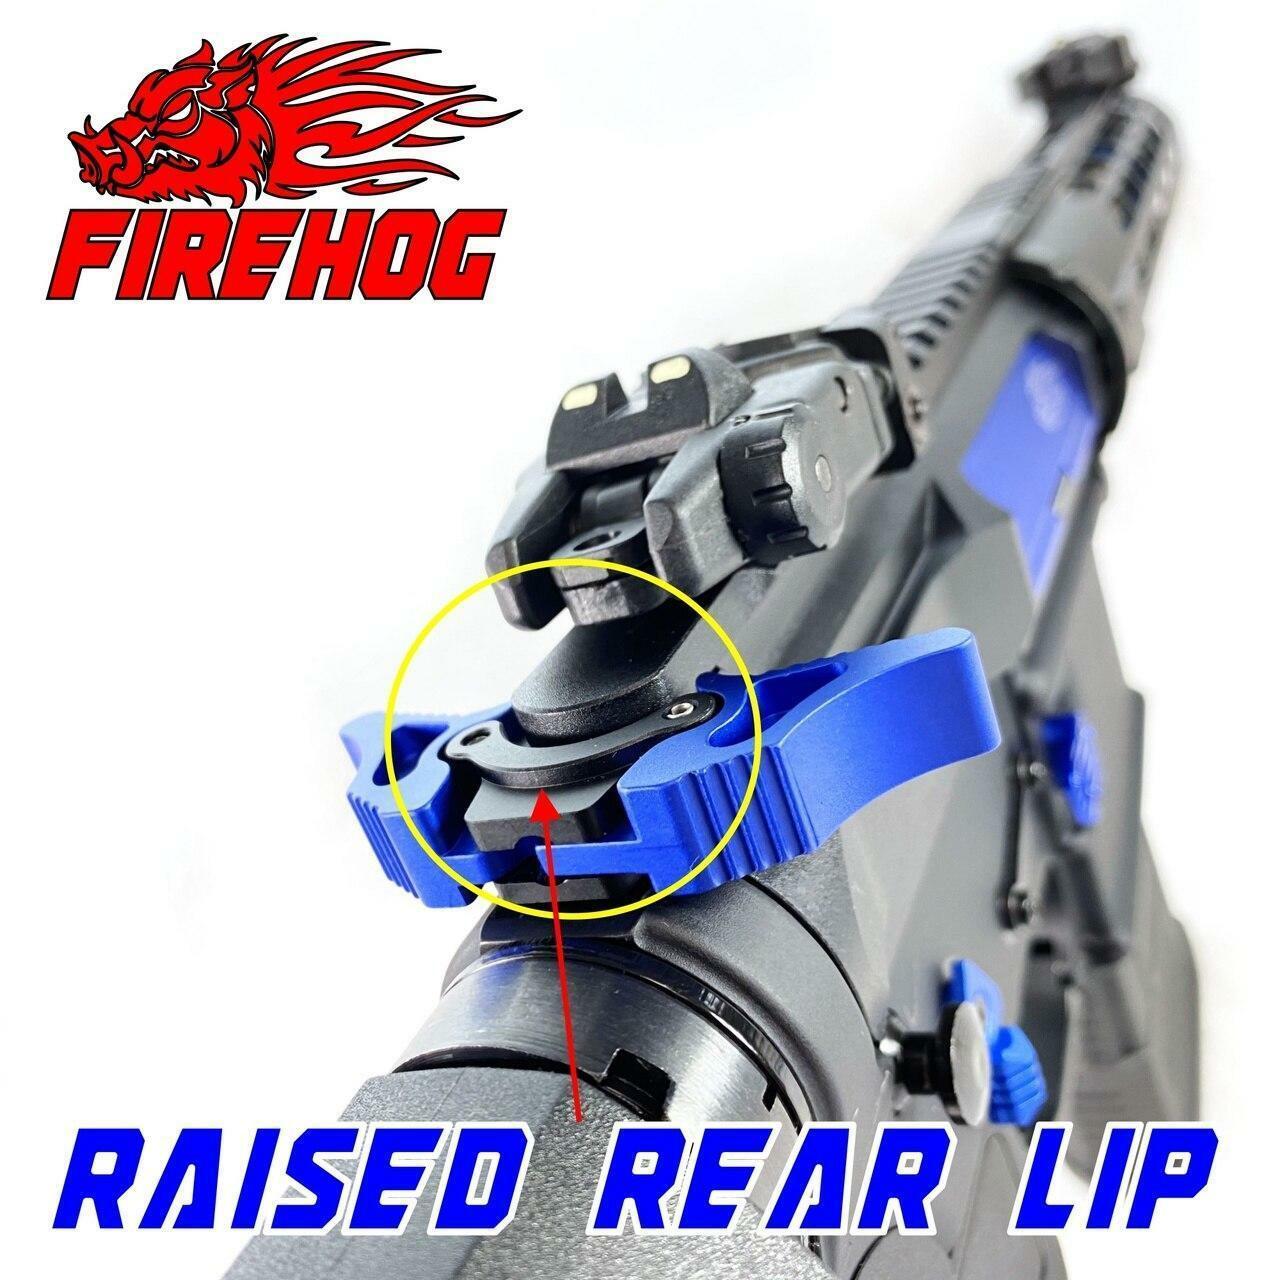 FIREHOG FireHog MOD-GEM4 Ambi Charging Handle with Gas Exhaust Mitigation or Blue AR 10 .308/7.62